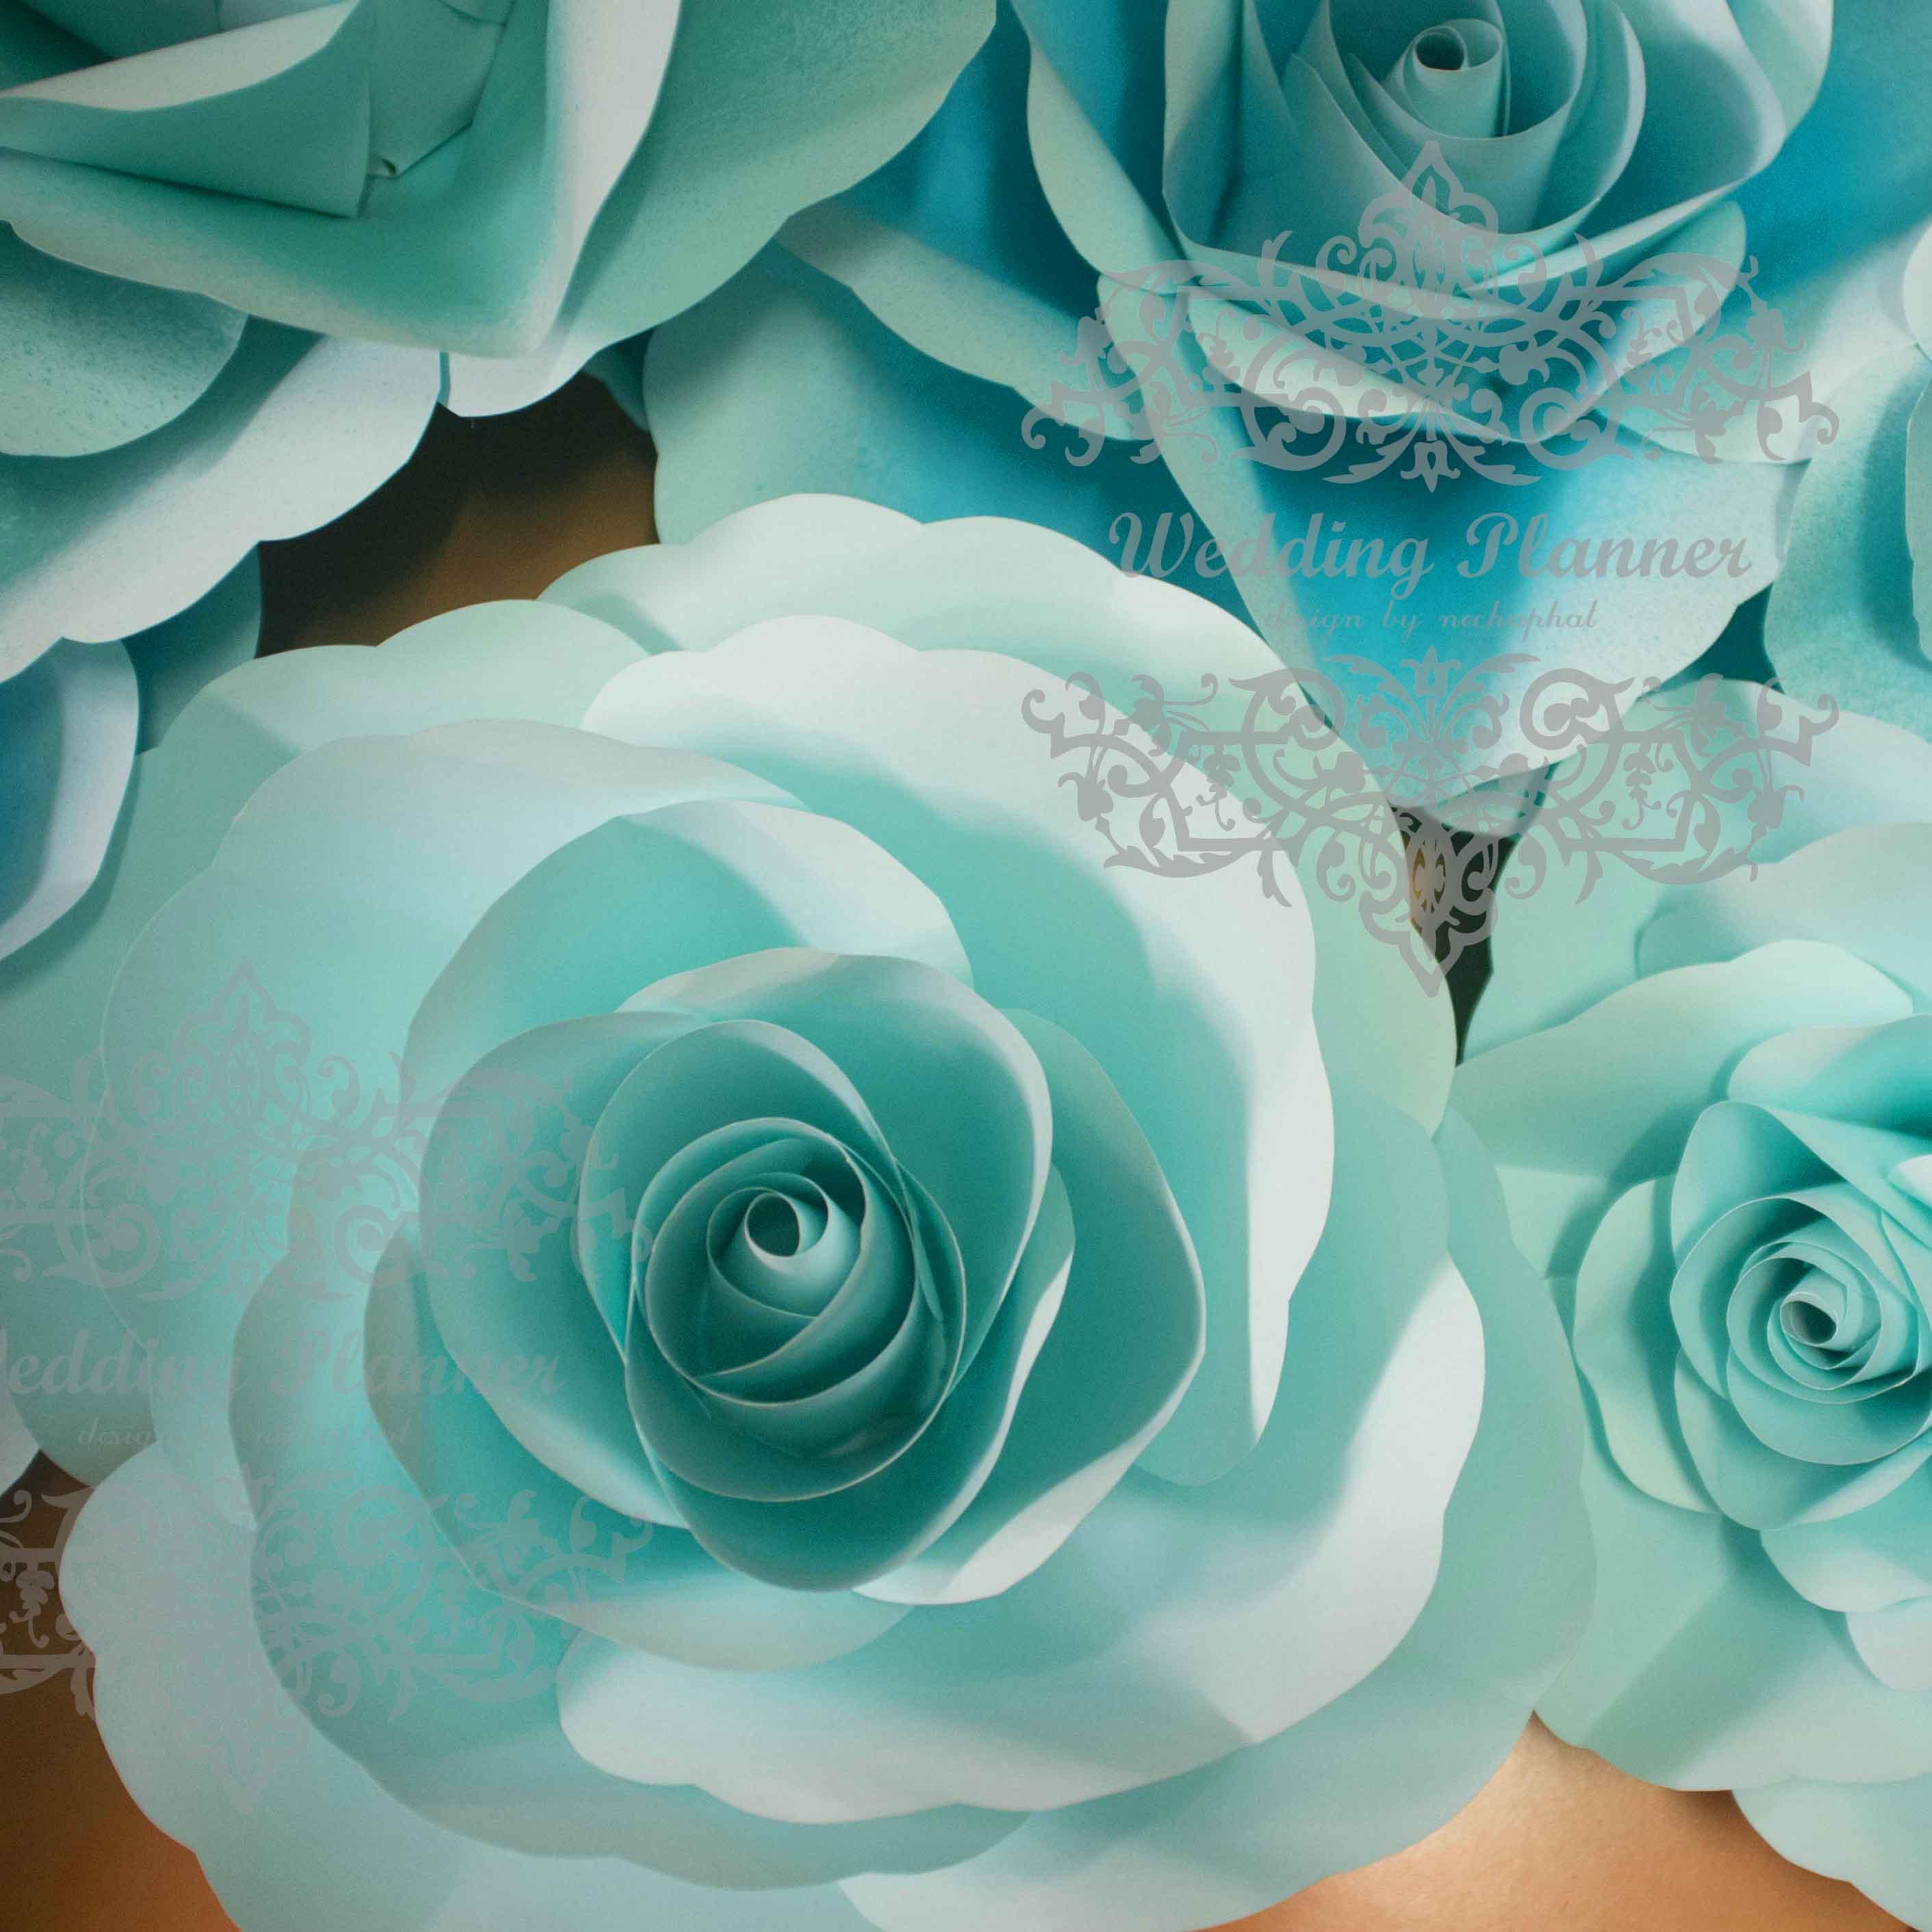 ดอกไม้กระดาษโทนสีฟ้าน้ำทะเล - flower paper backdrop - ขนาด 30 cm